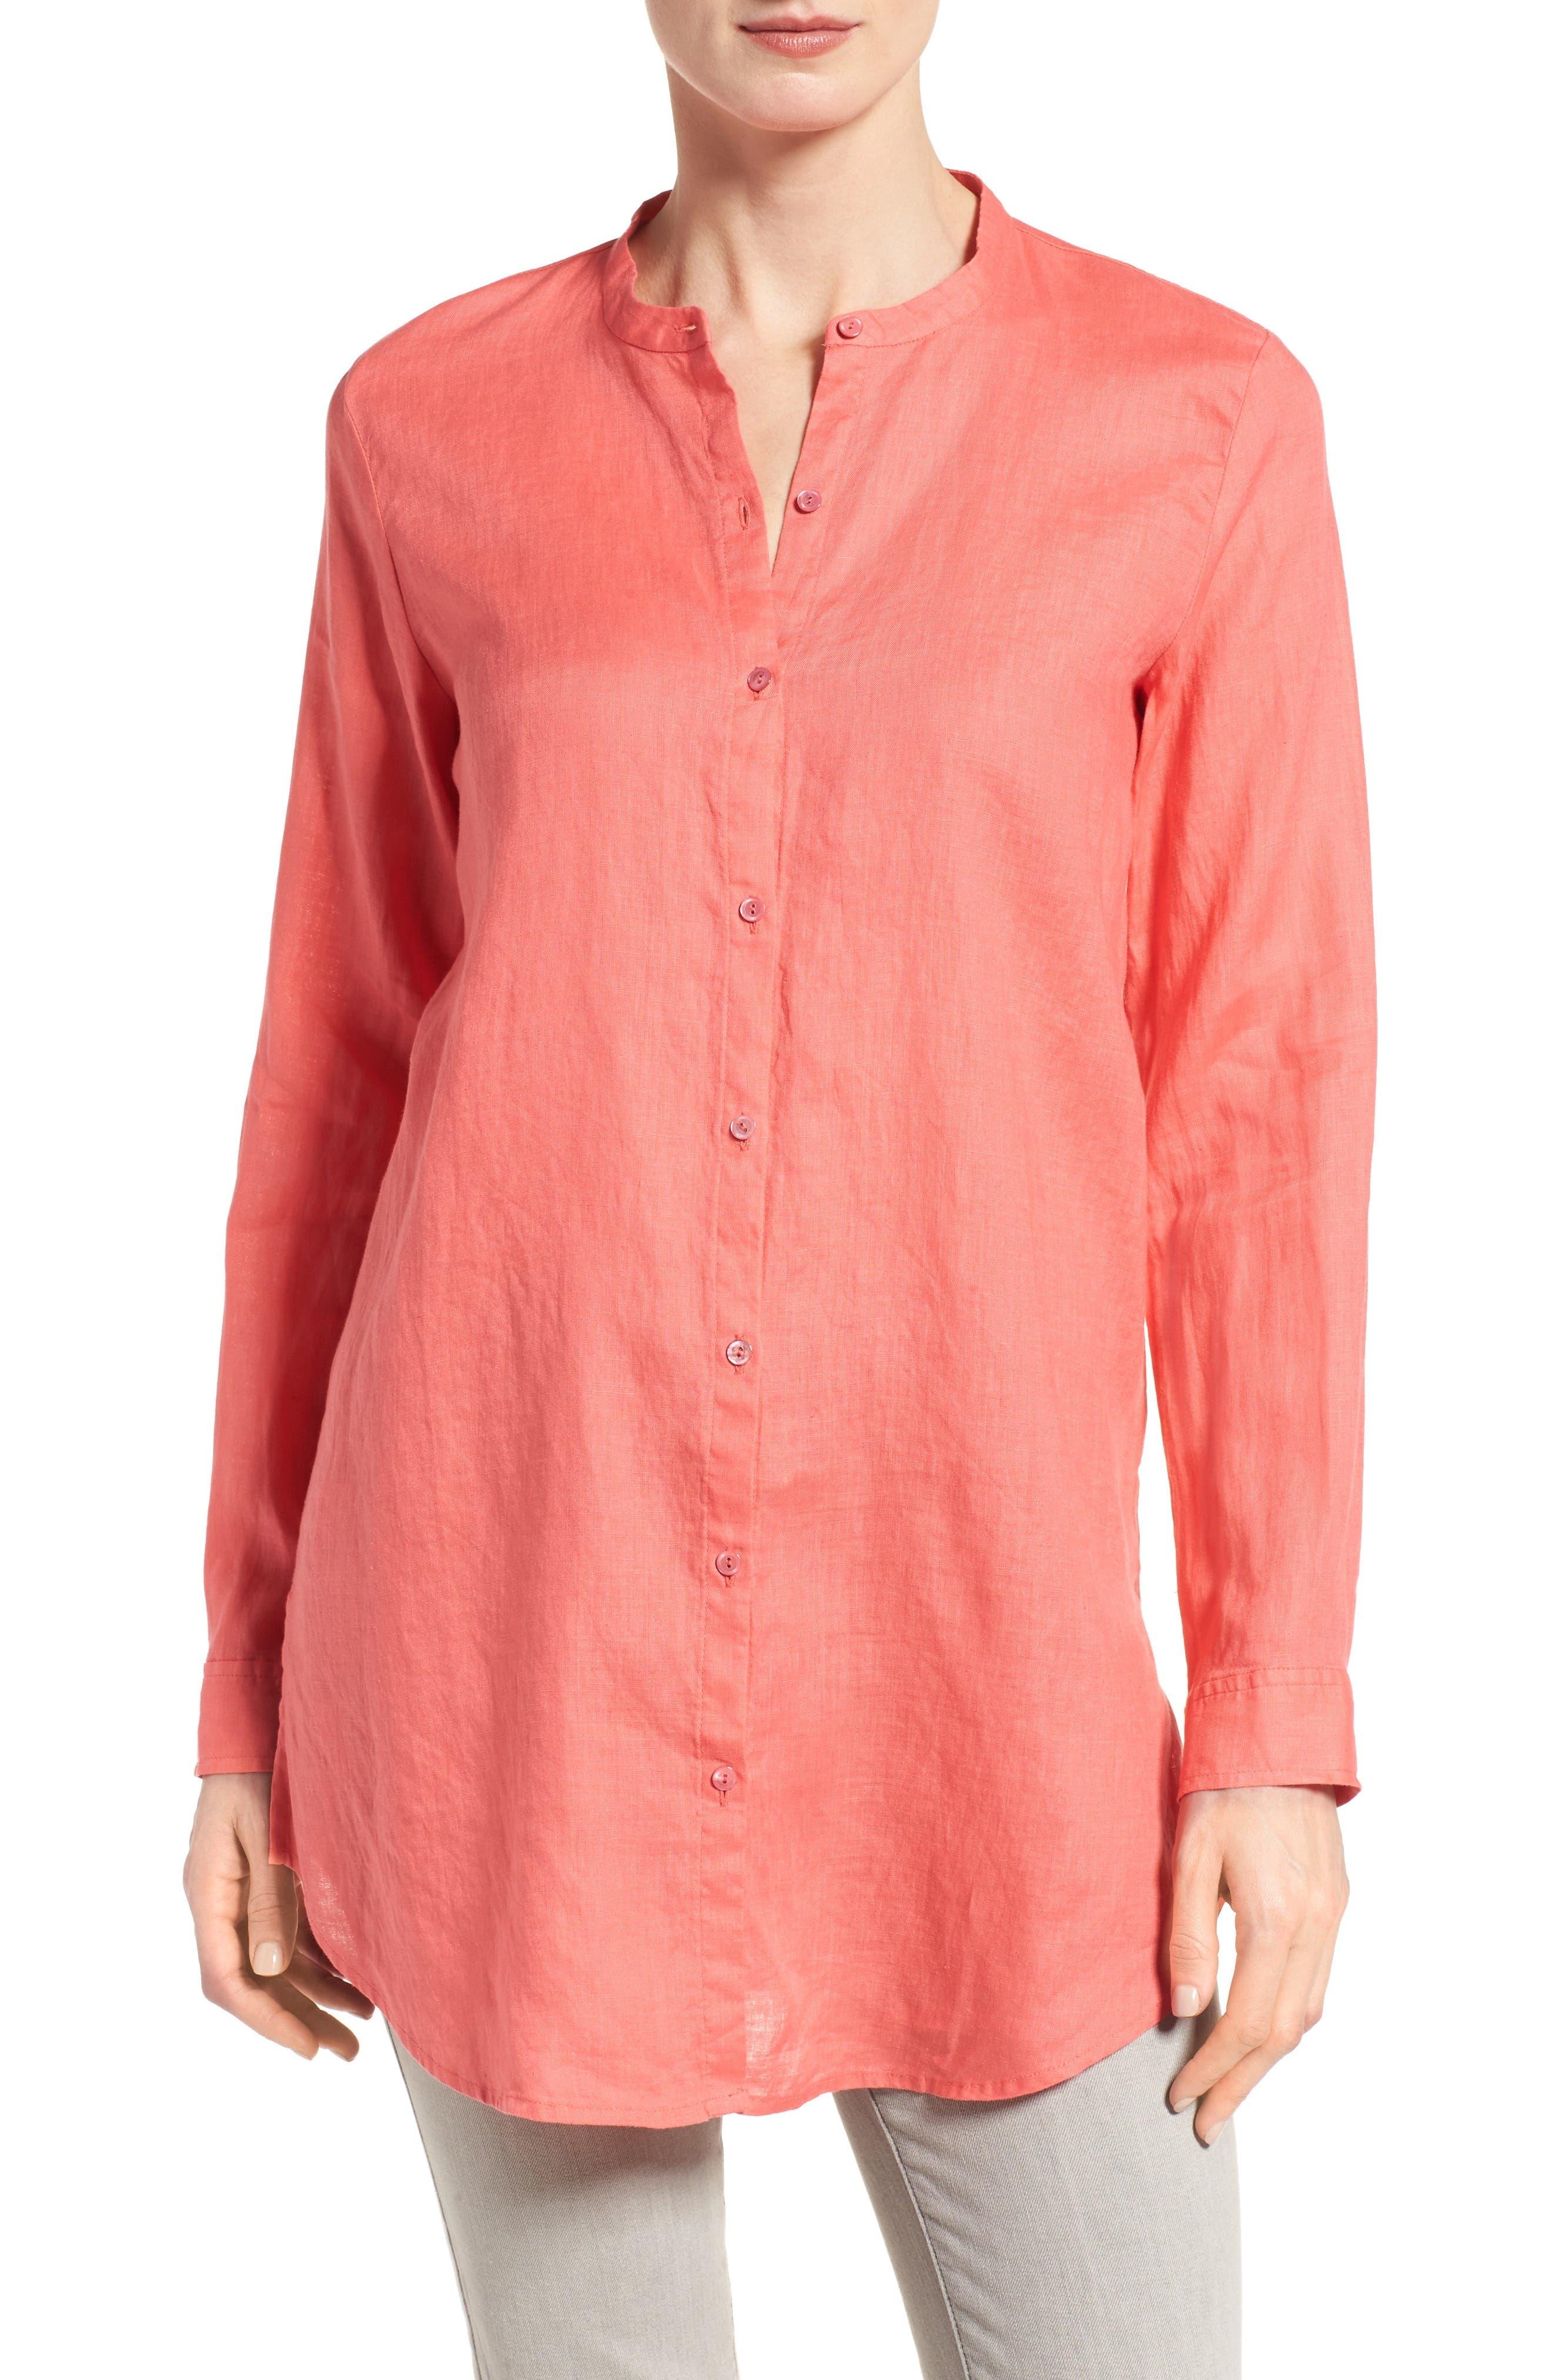 Eileen Fisher Organic Linen Mandarin Collar Shirt (Regular & Petite)